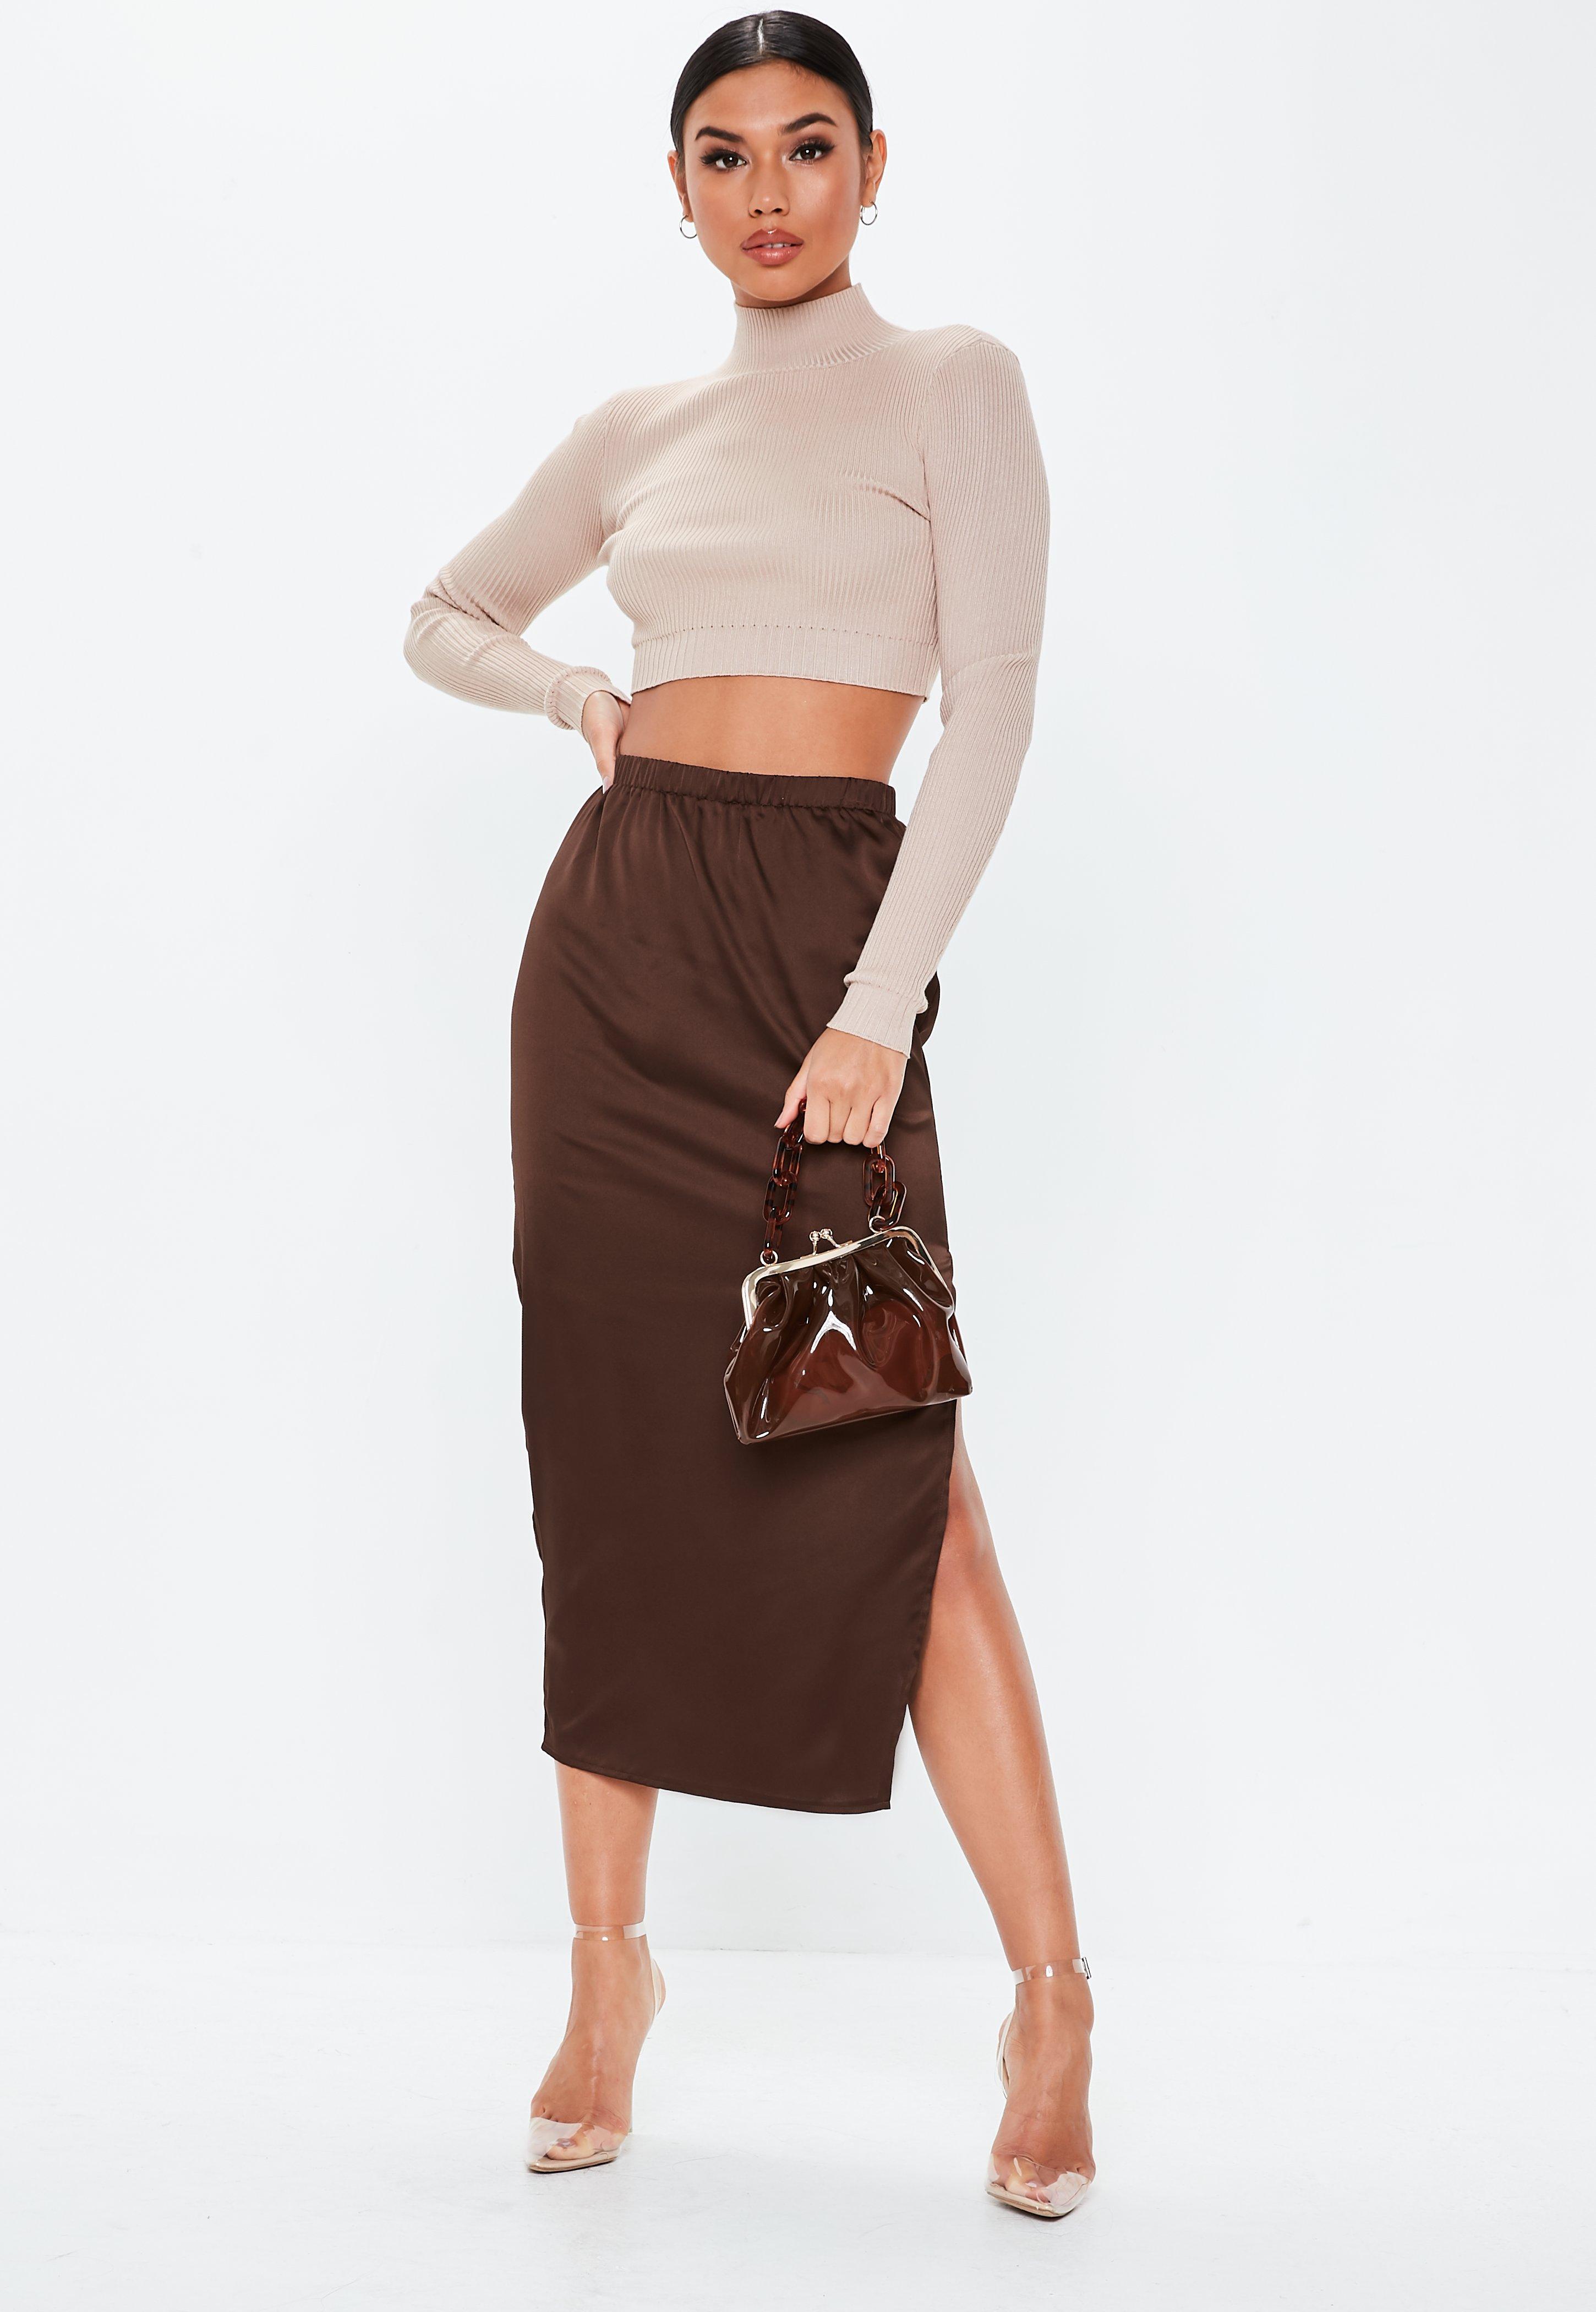 efb73330d743 Chocolate Satin Slip Midi Skirt   Missguided Australia